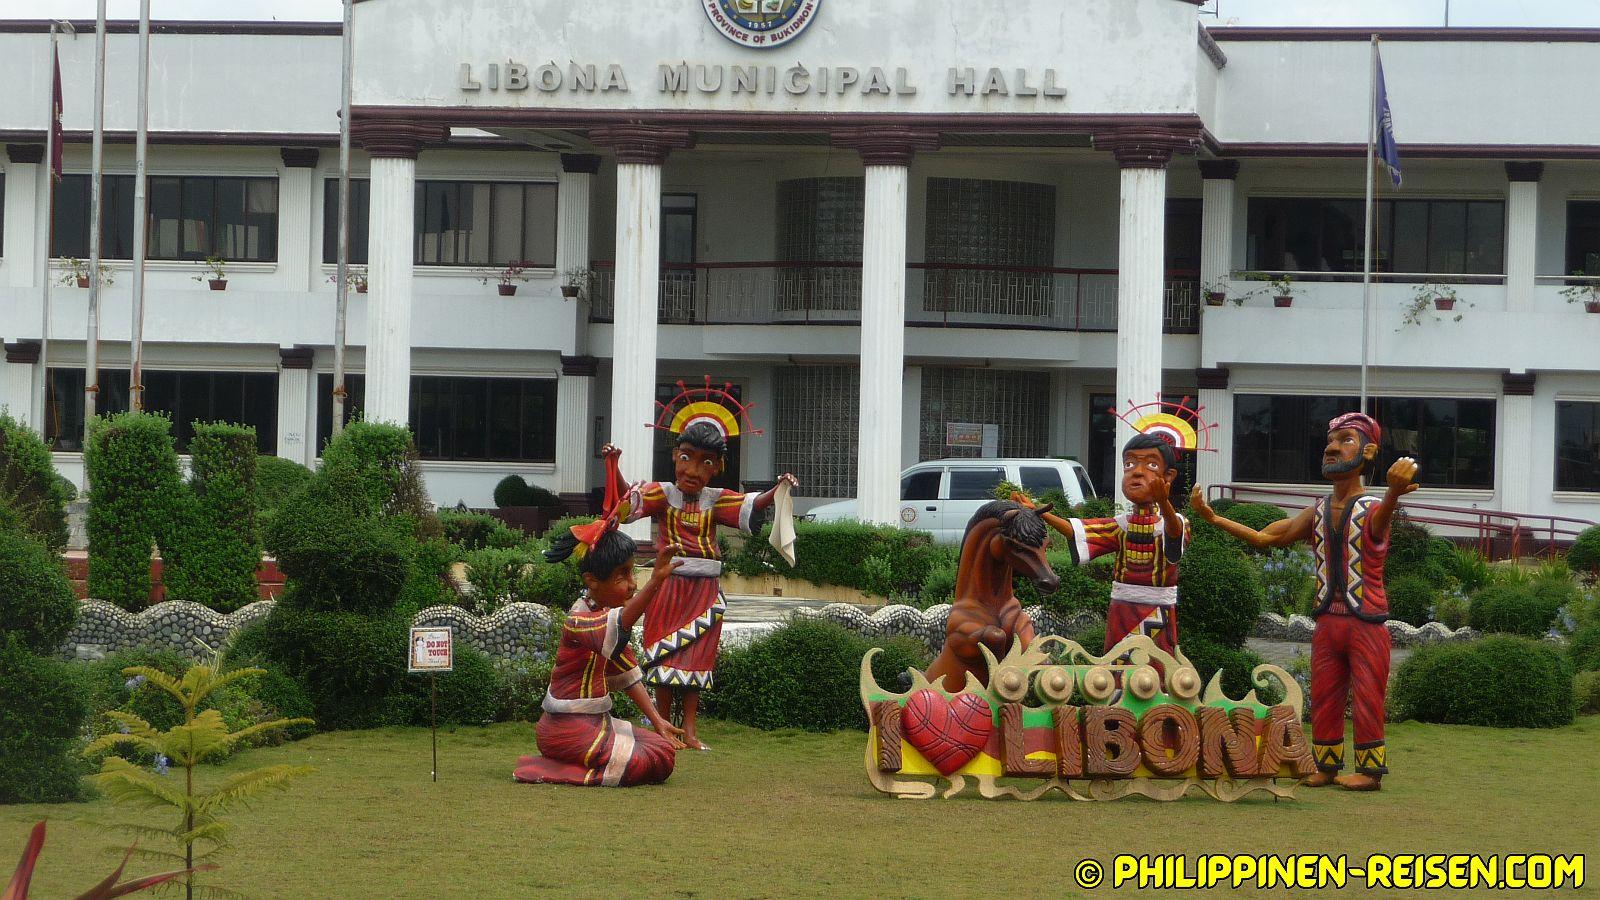 PHILIPPINEN REISEN - ORTE - MINDANAO - BUKIDNON - Libona